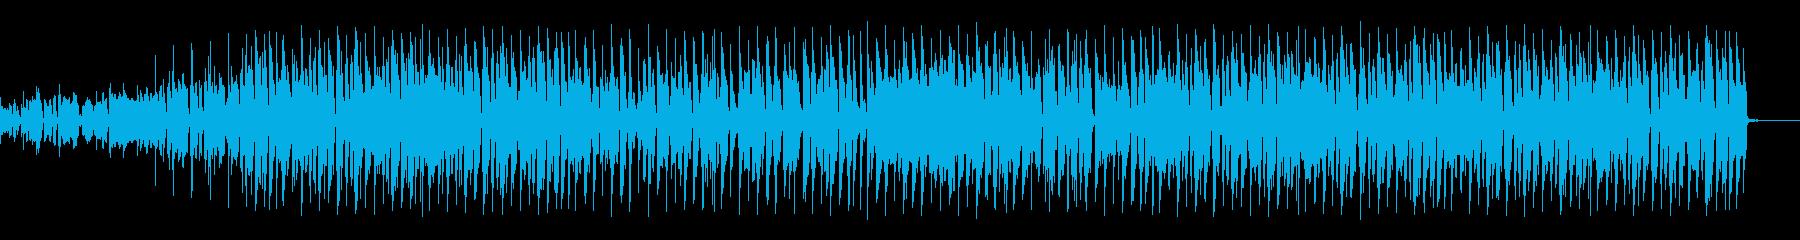 おしゃれでキャッチーなエンディングの再生済みの波形